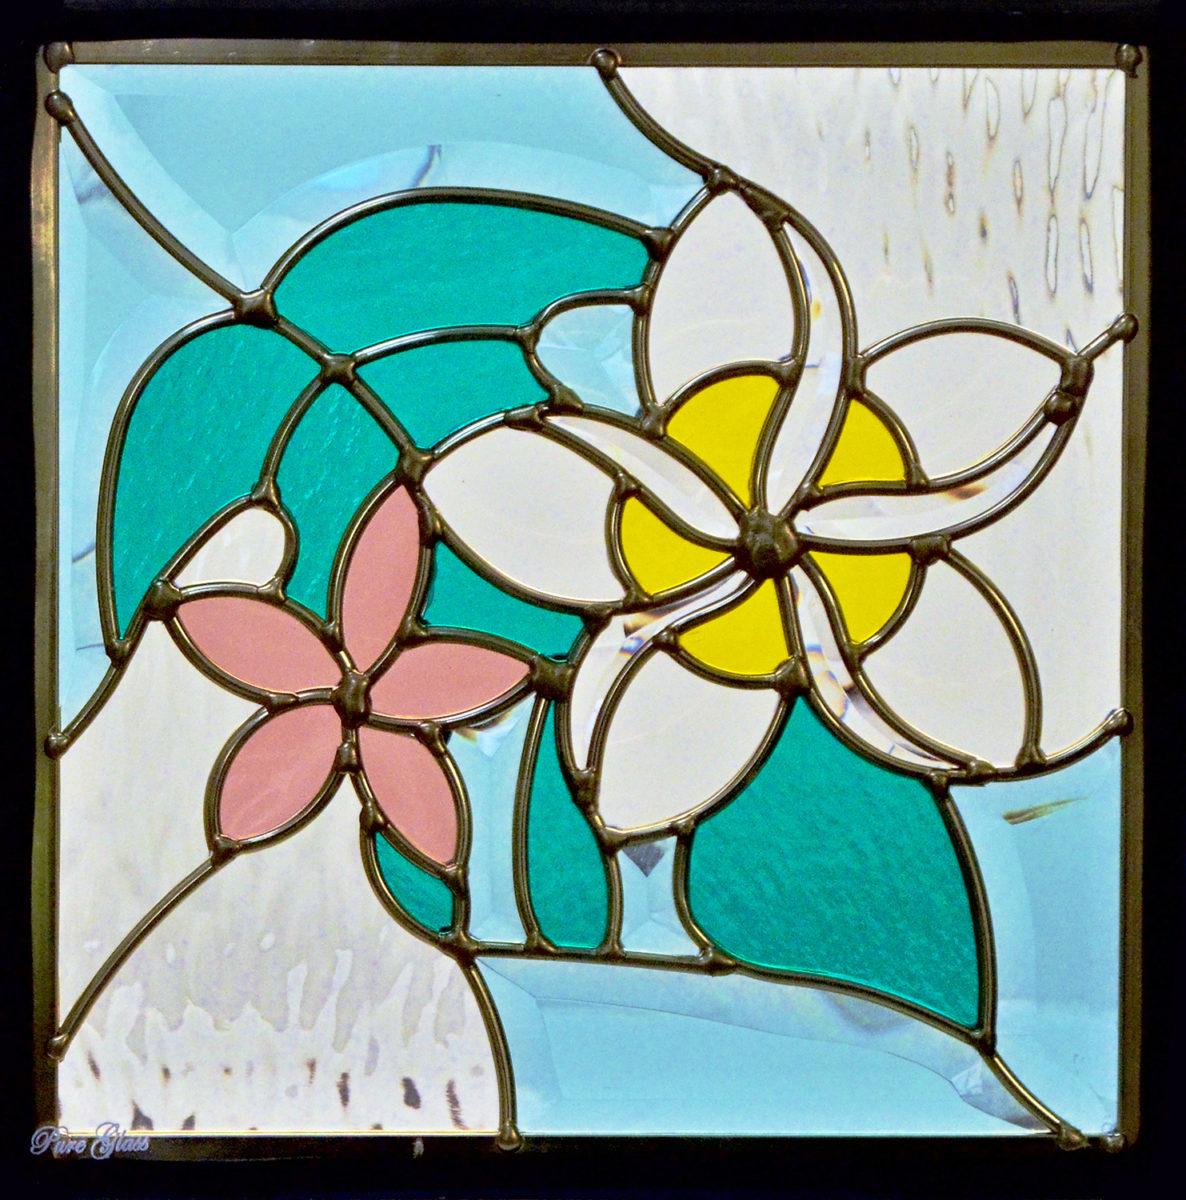 ステンドグラス ピュアグラス SH-E12 パネル 窓枠 おしゃれ アンティーク ガラス ランプ シート 照明 北欧 取り付け DIY ドア 窓 リビング 浴室 玄関 日除け 目隠し 室内 屋内 ステンドガラス 送料無料